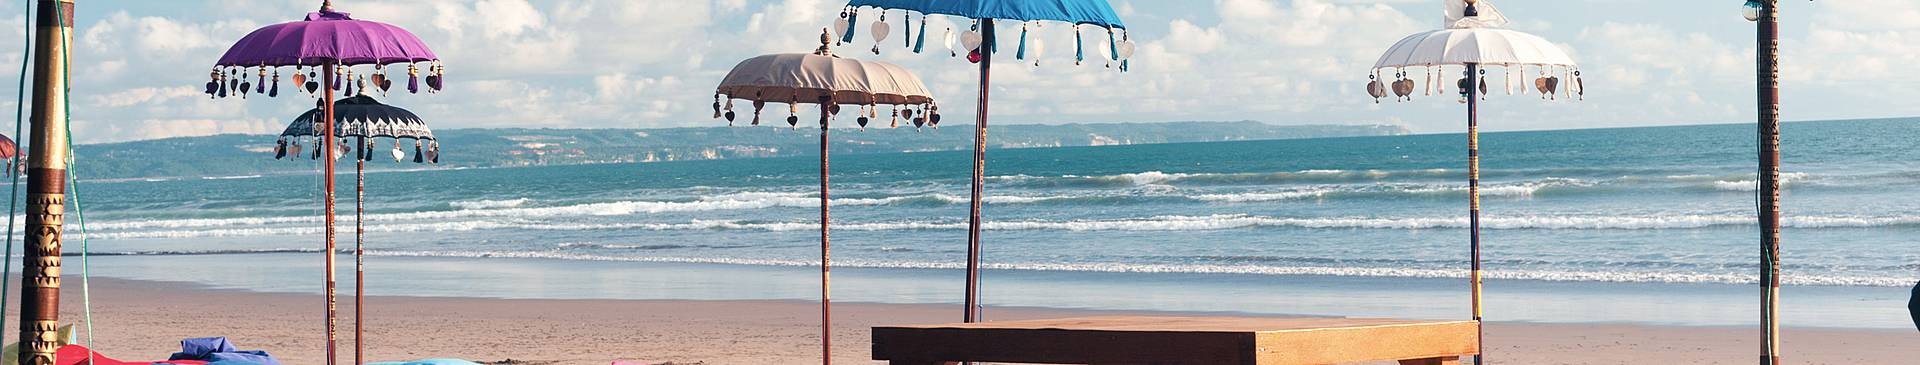 Voyage plage à Bali